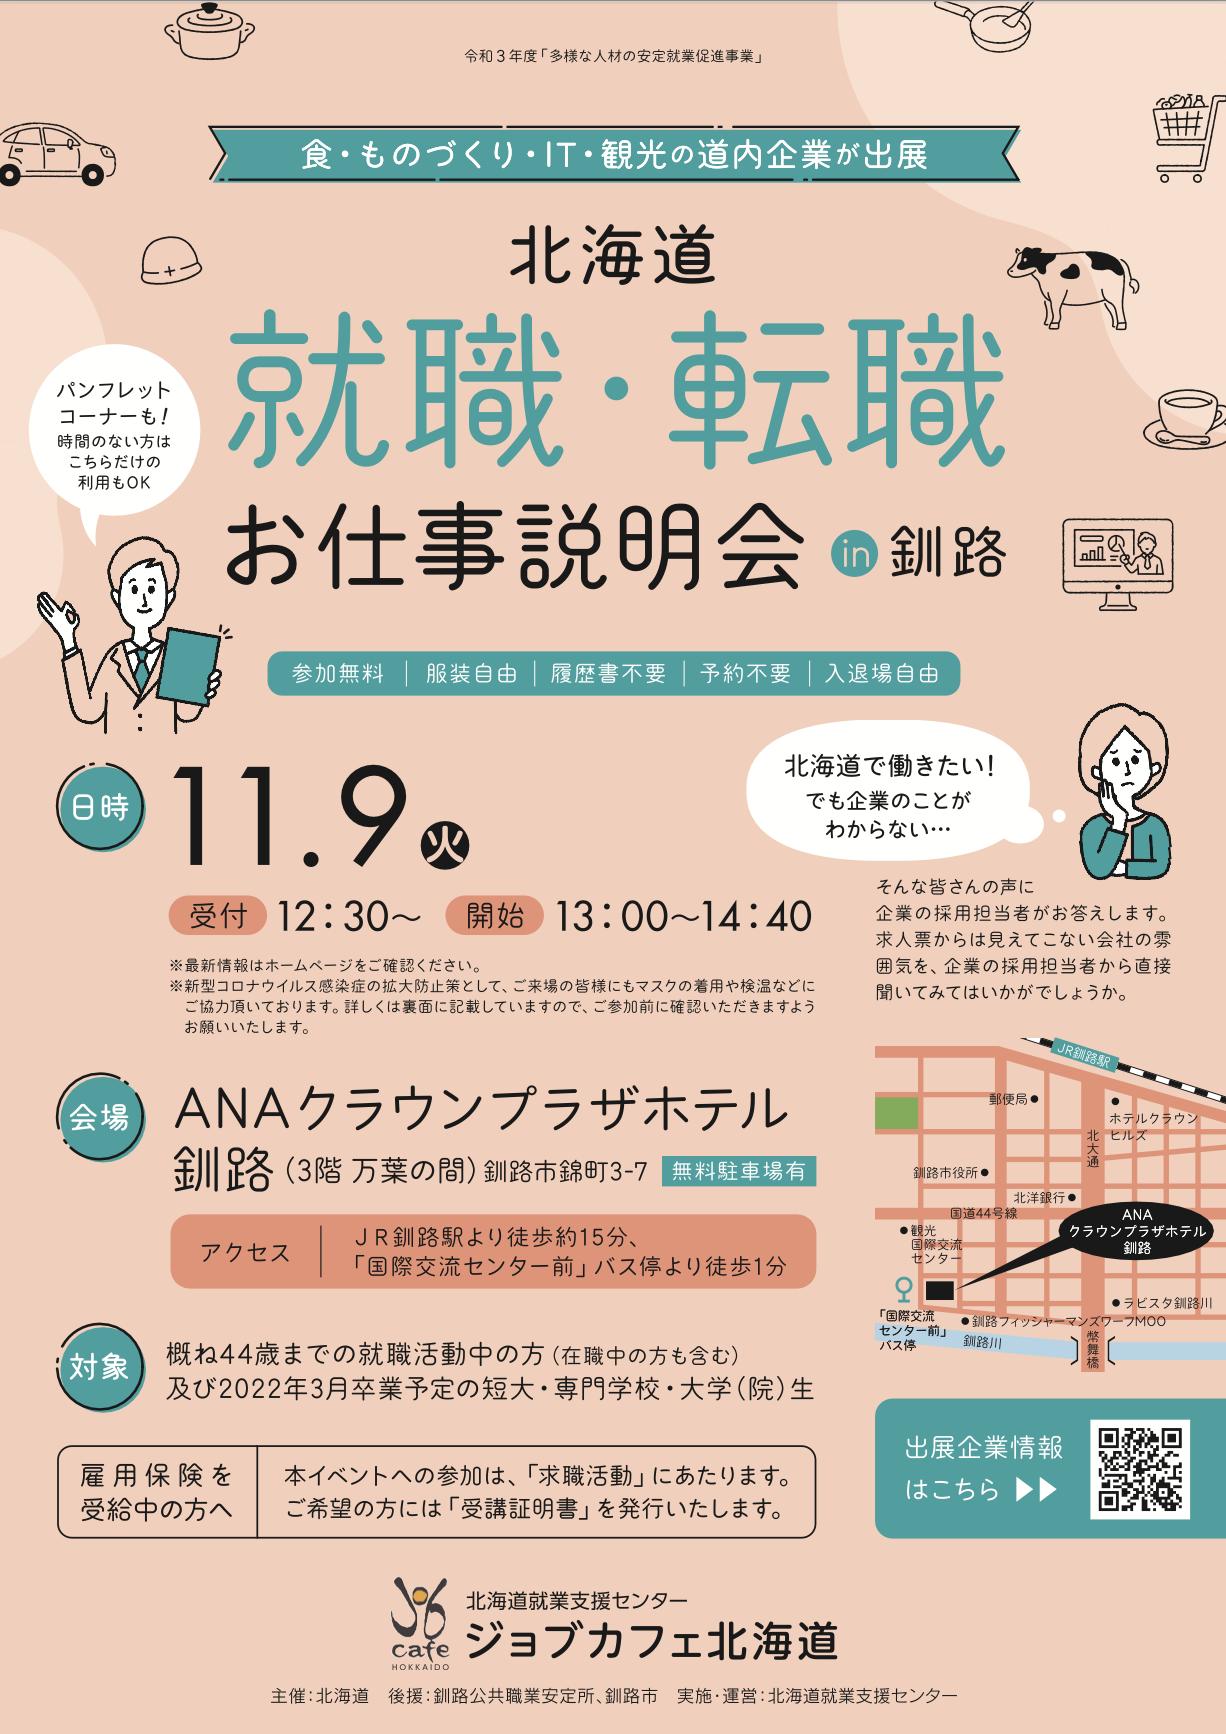 北海道 就職・転職お仕事説明会が開催されます